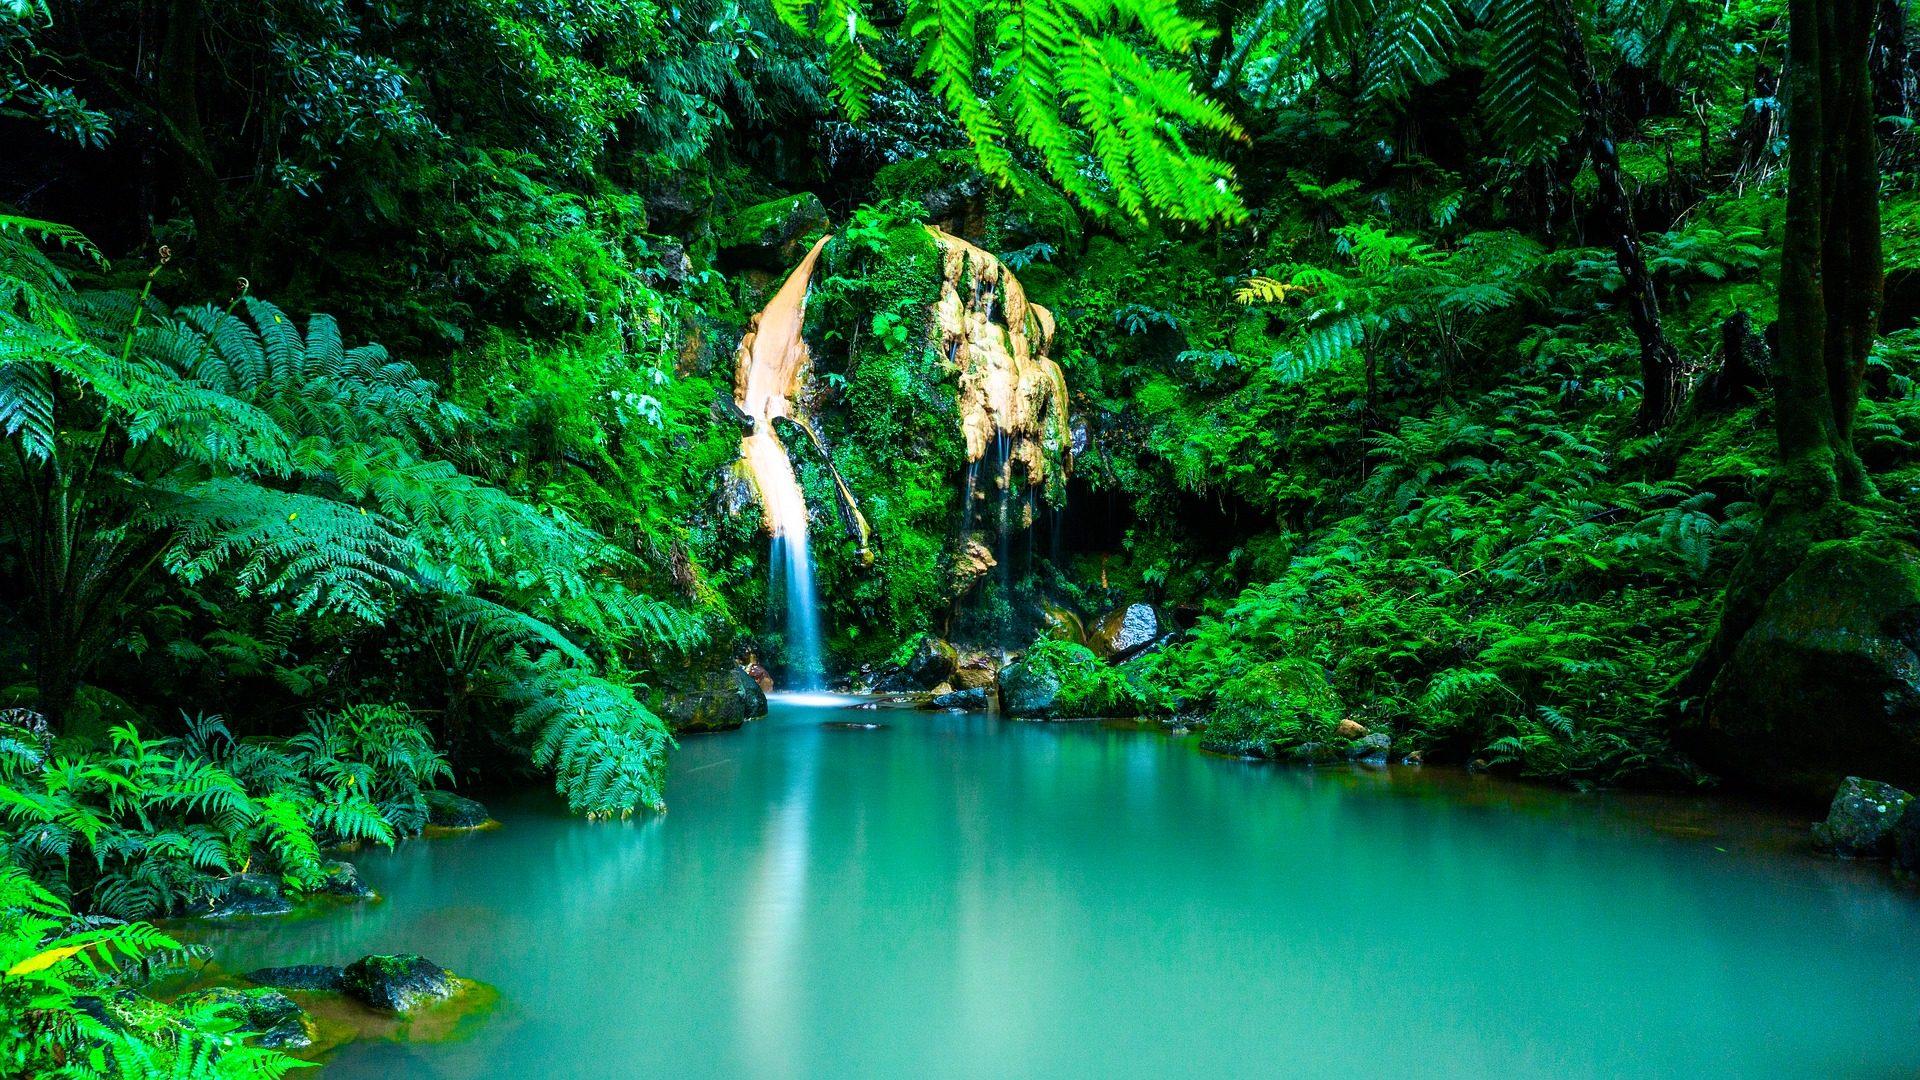 Découvrir la végétation luxuriante lors d'un voyage aux Açores